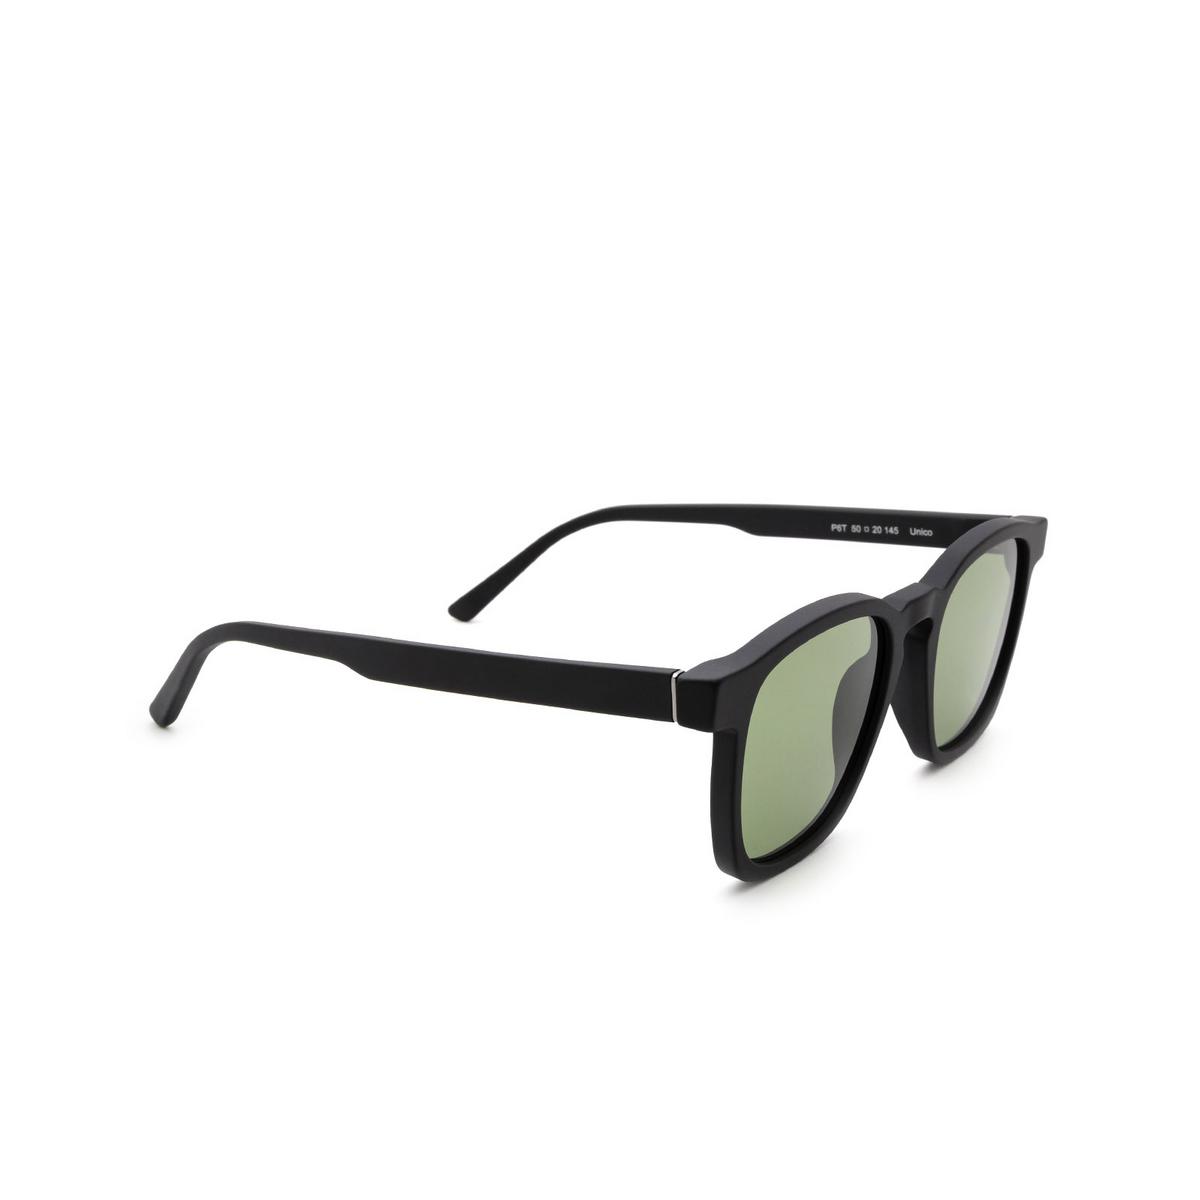 Retrosuperfuture® Square Sunglasses: Unico color Black Matte P6T - three-quarters view.